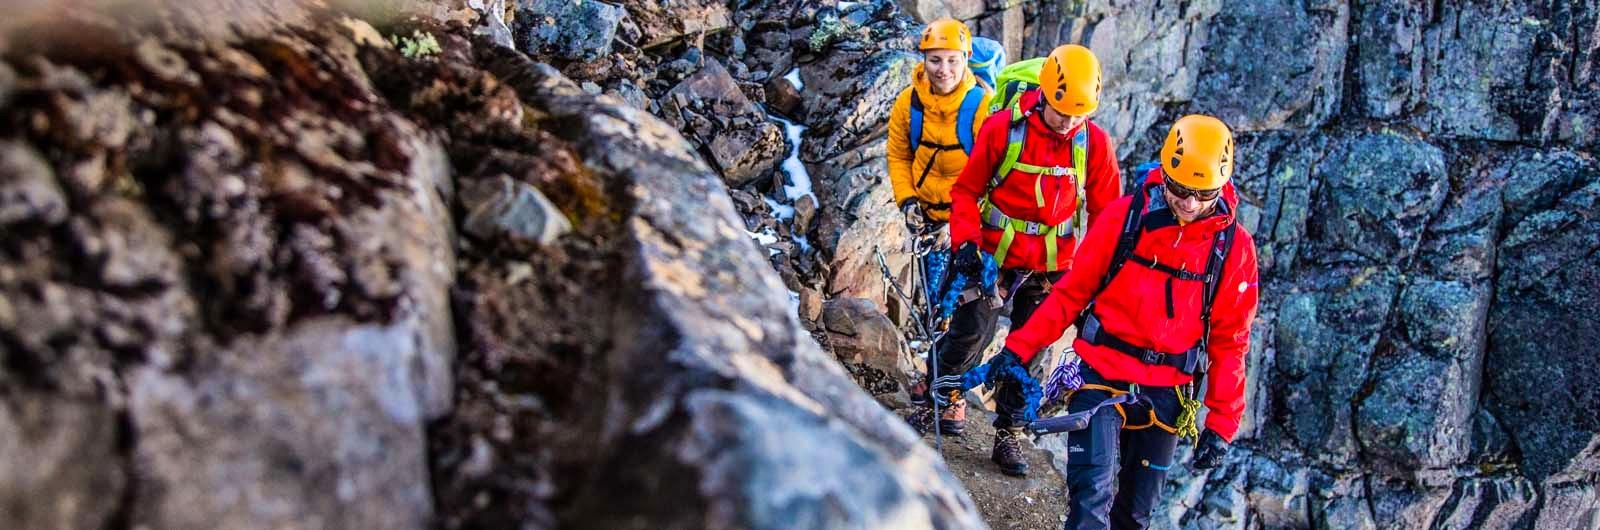 Personer som klättrar